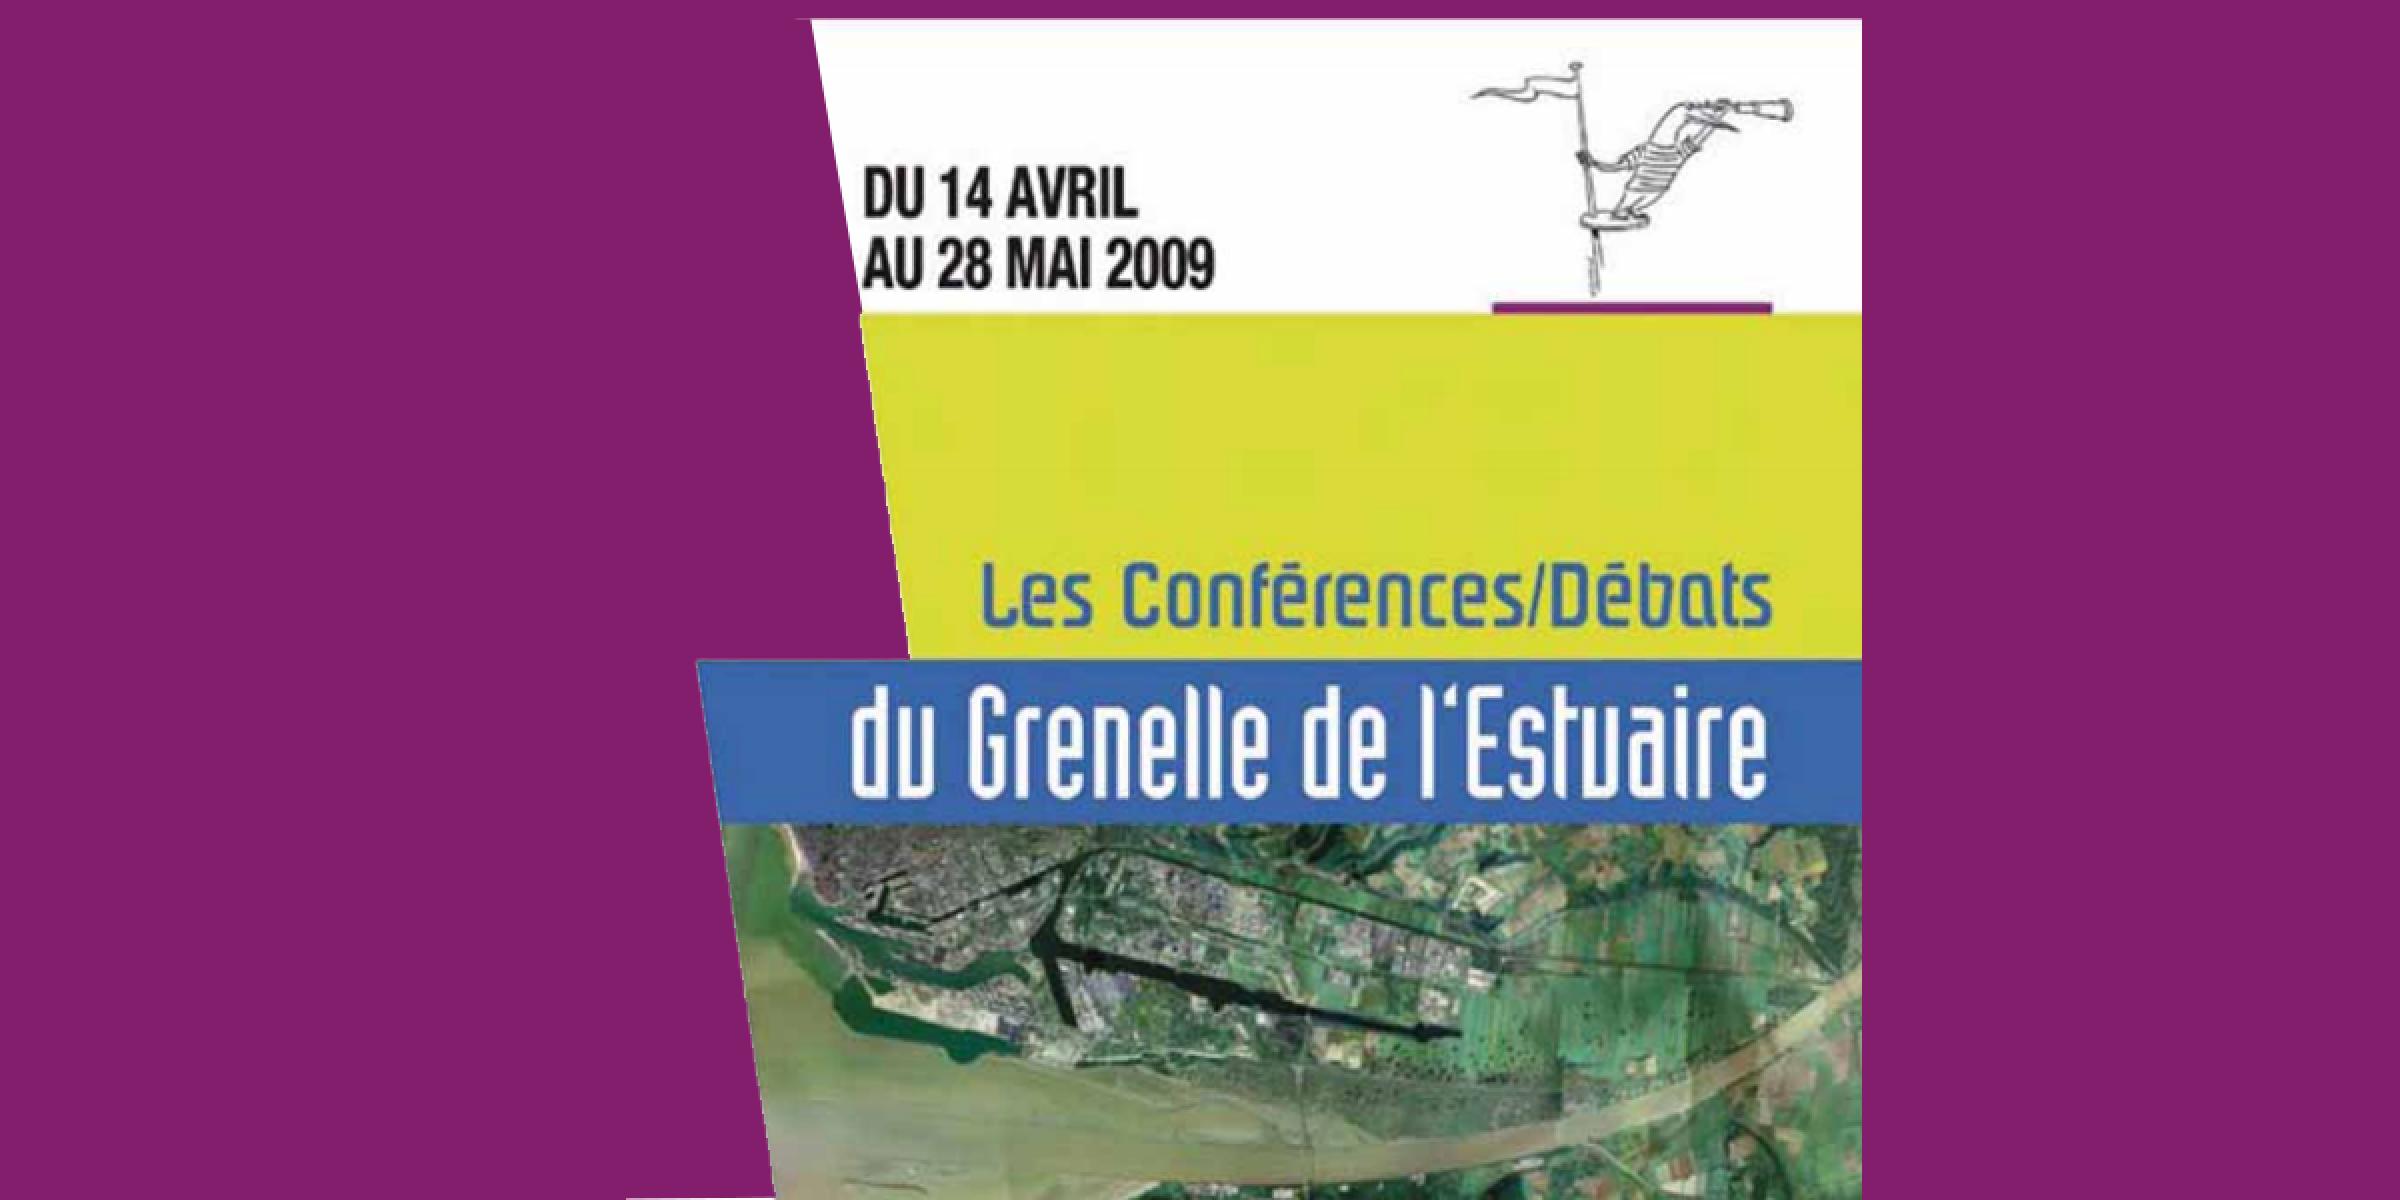 Conférences du Grenelle de l'Estuaire de la Seine - Les actes